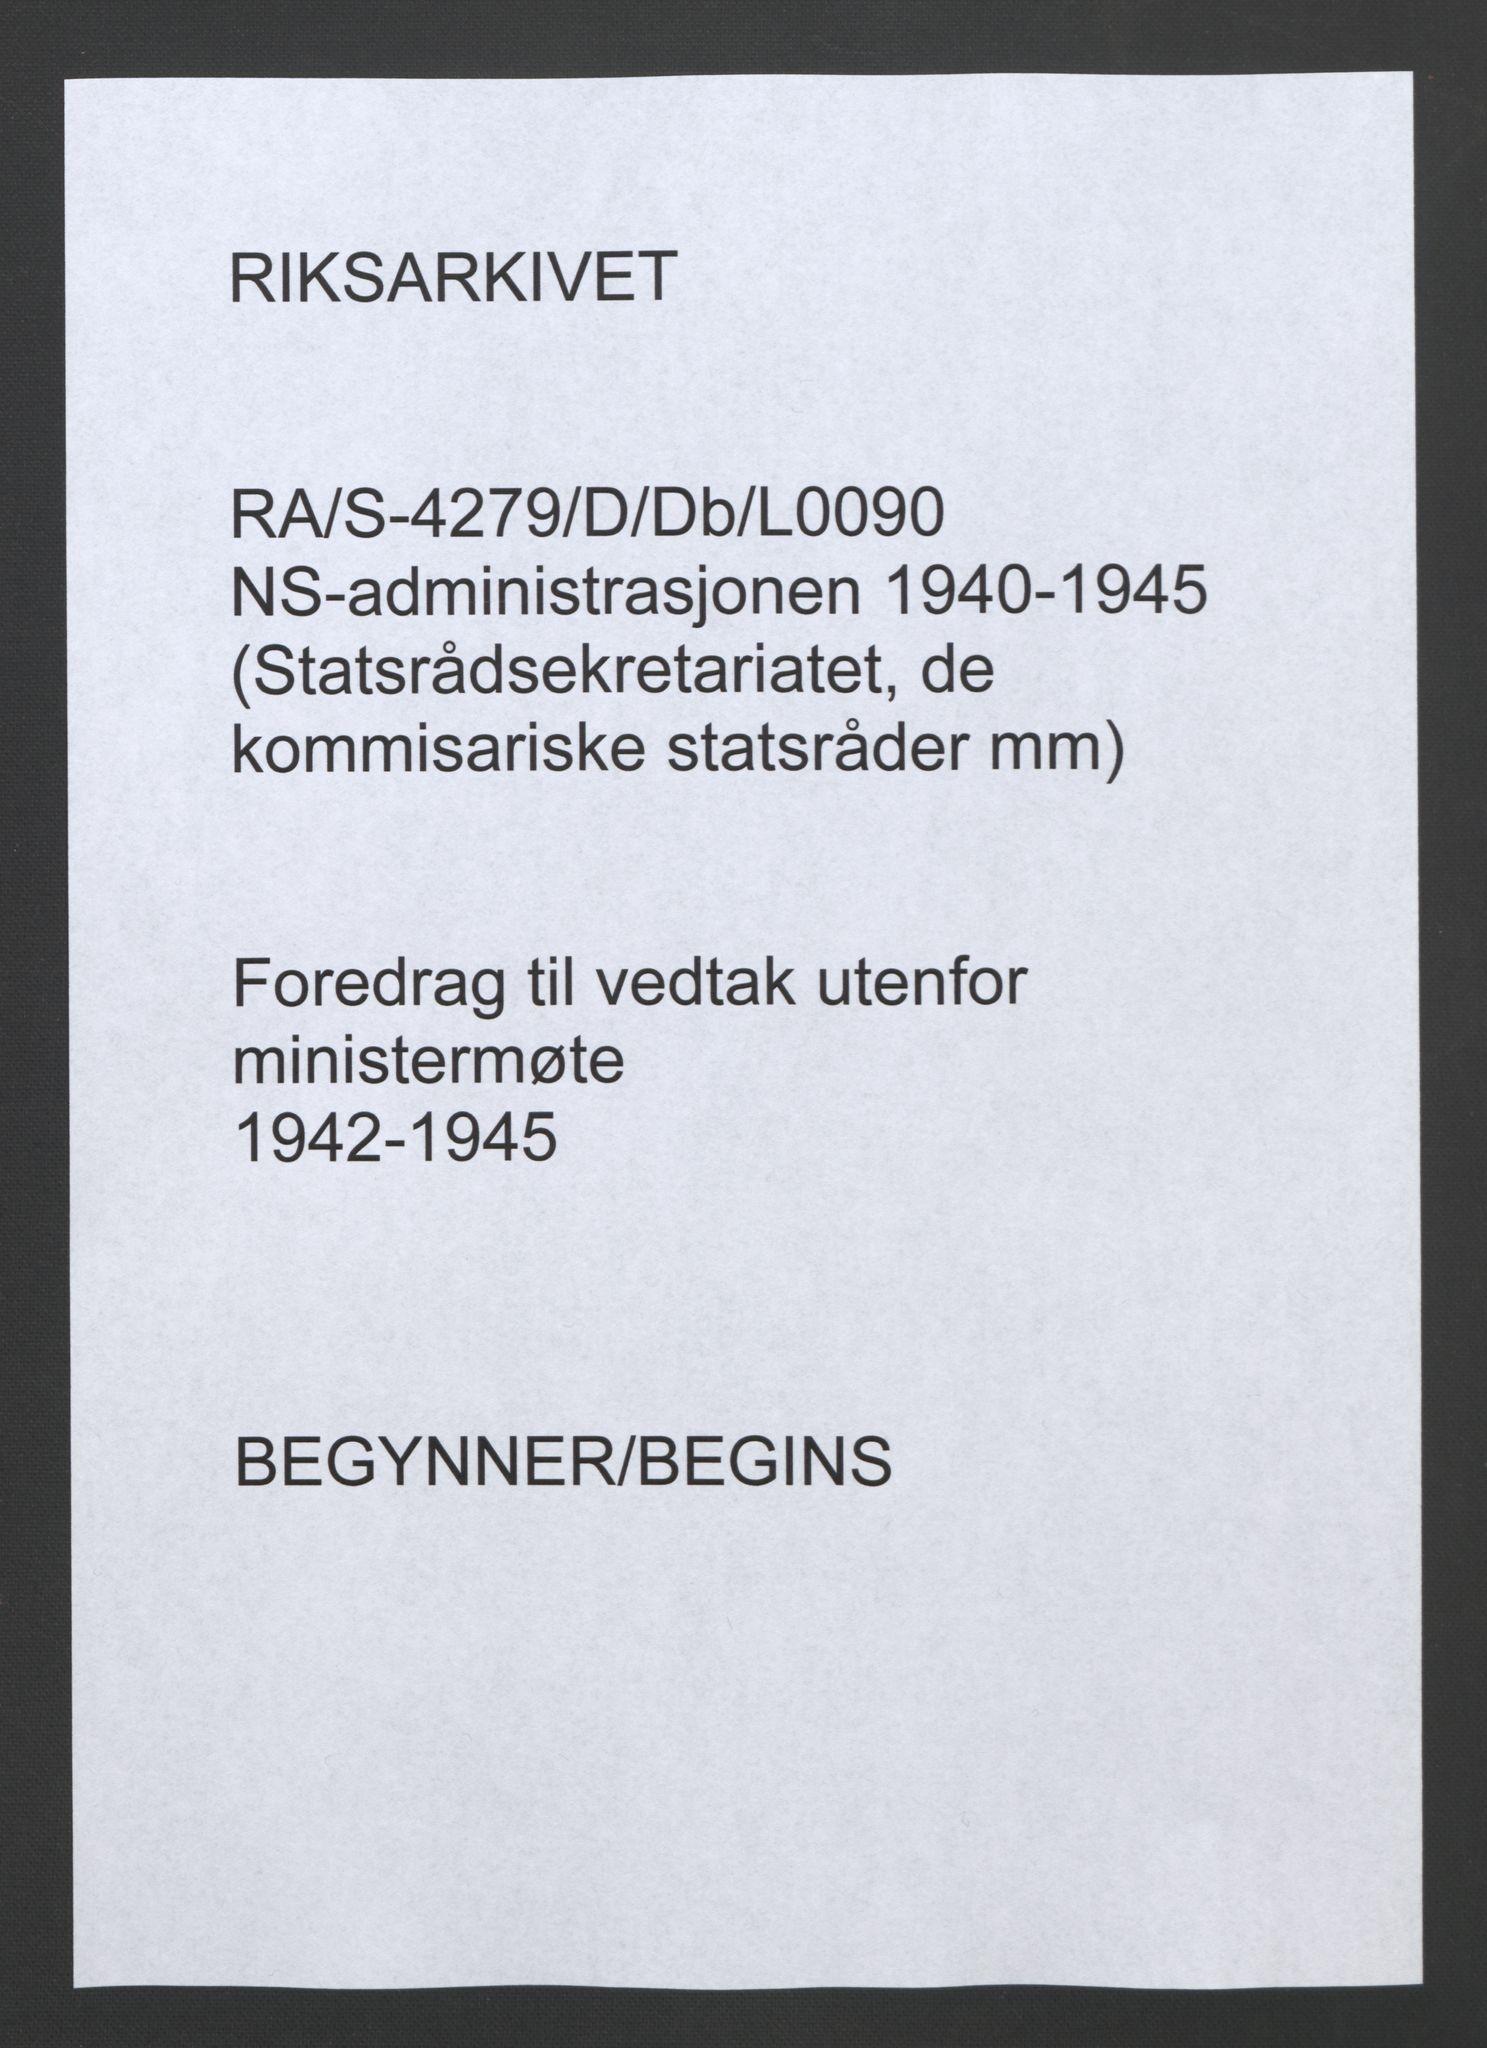 RA, NS-administrasjonen 1940-1945 (Statsrådsekretariatet, de kommisariske statsråder mm), D/Db/L0090: Foredrag til vedtak utenfor ministermøte, 1942-1945, s. upaginert